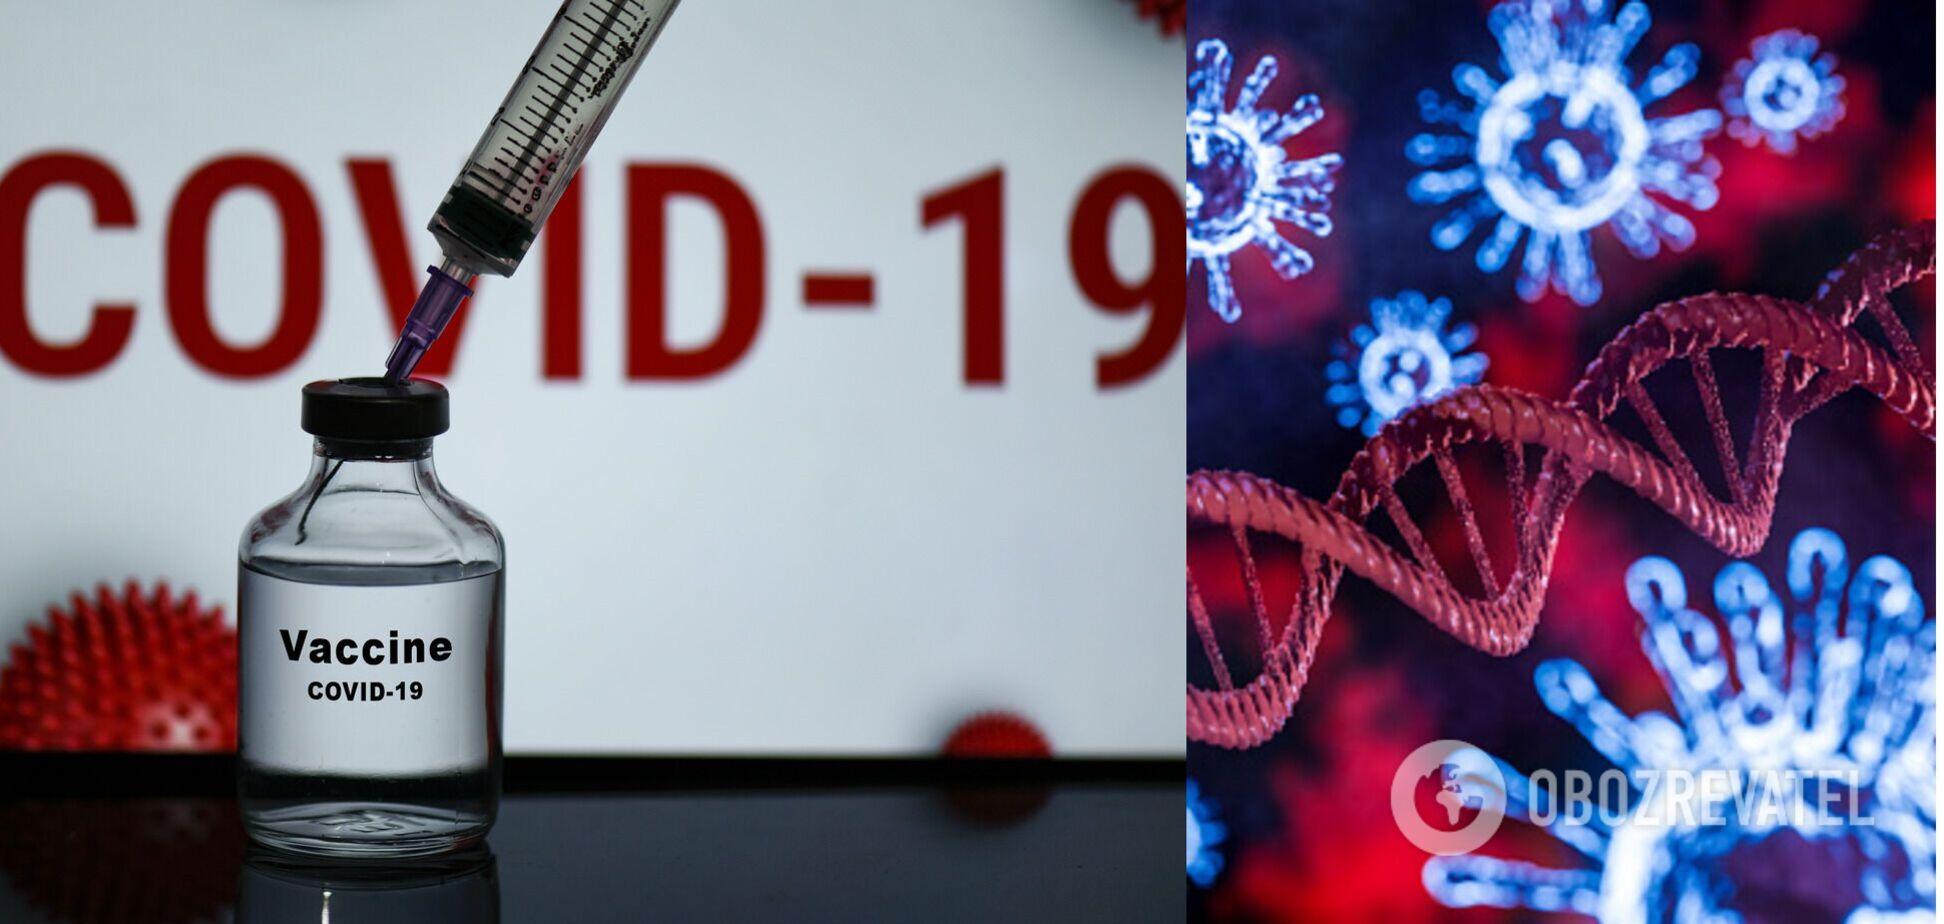 Вакцины от COVID-19 не являются 'генетическим оружием': в ЦОЗ развенчали фейк